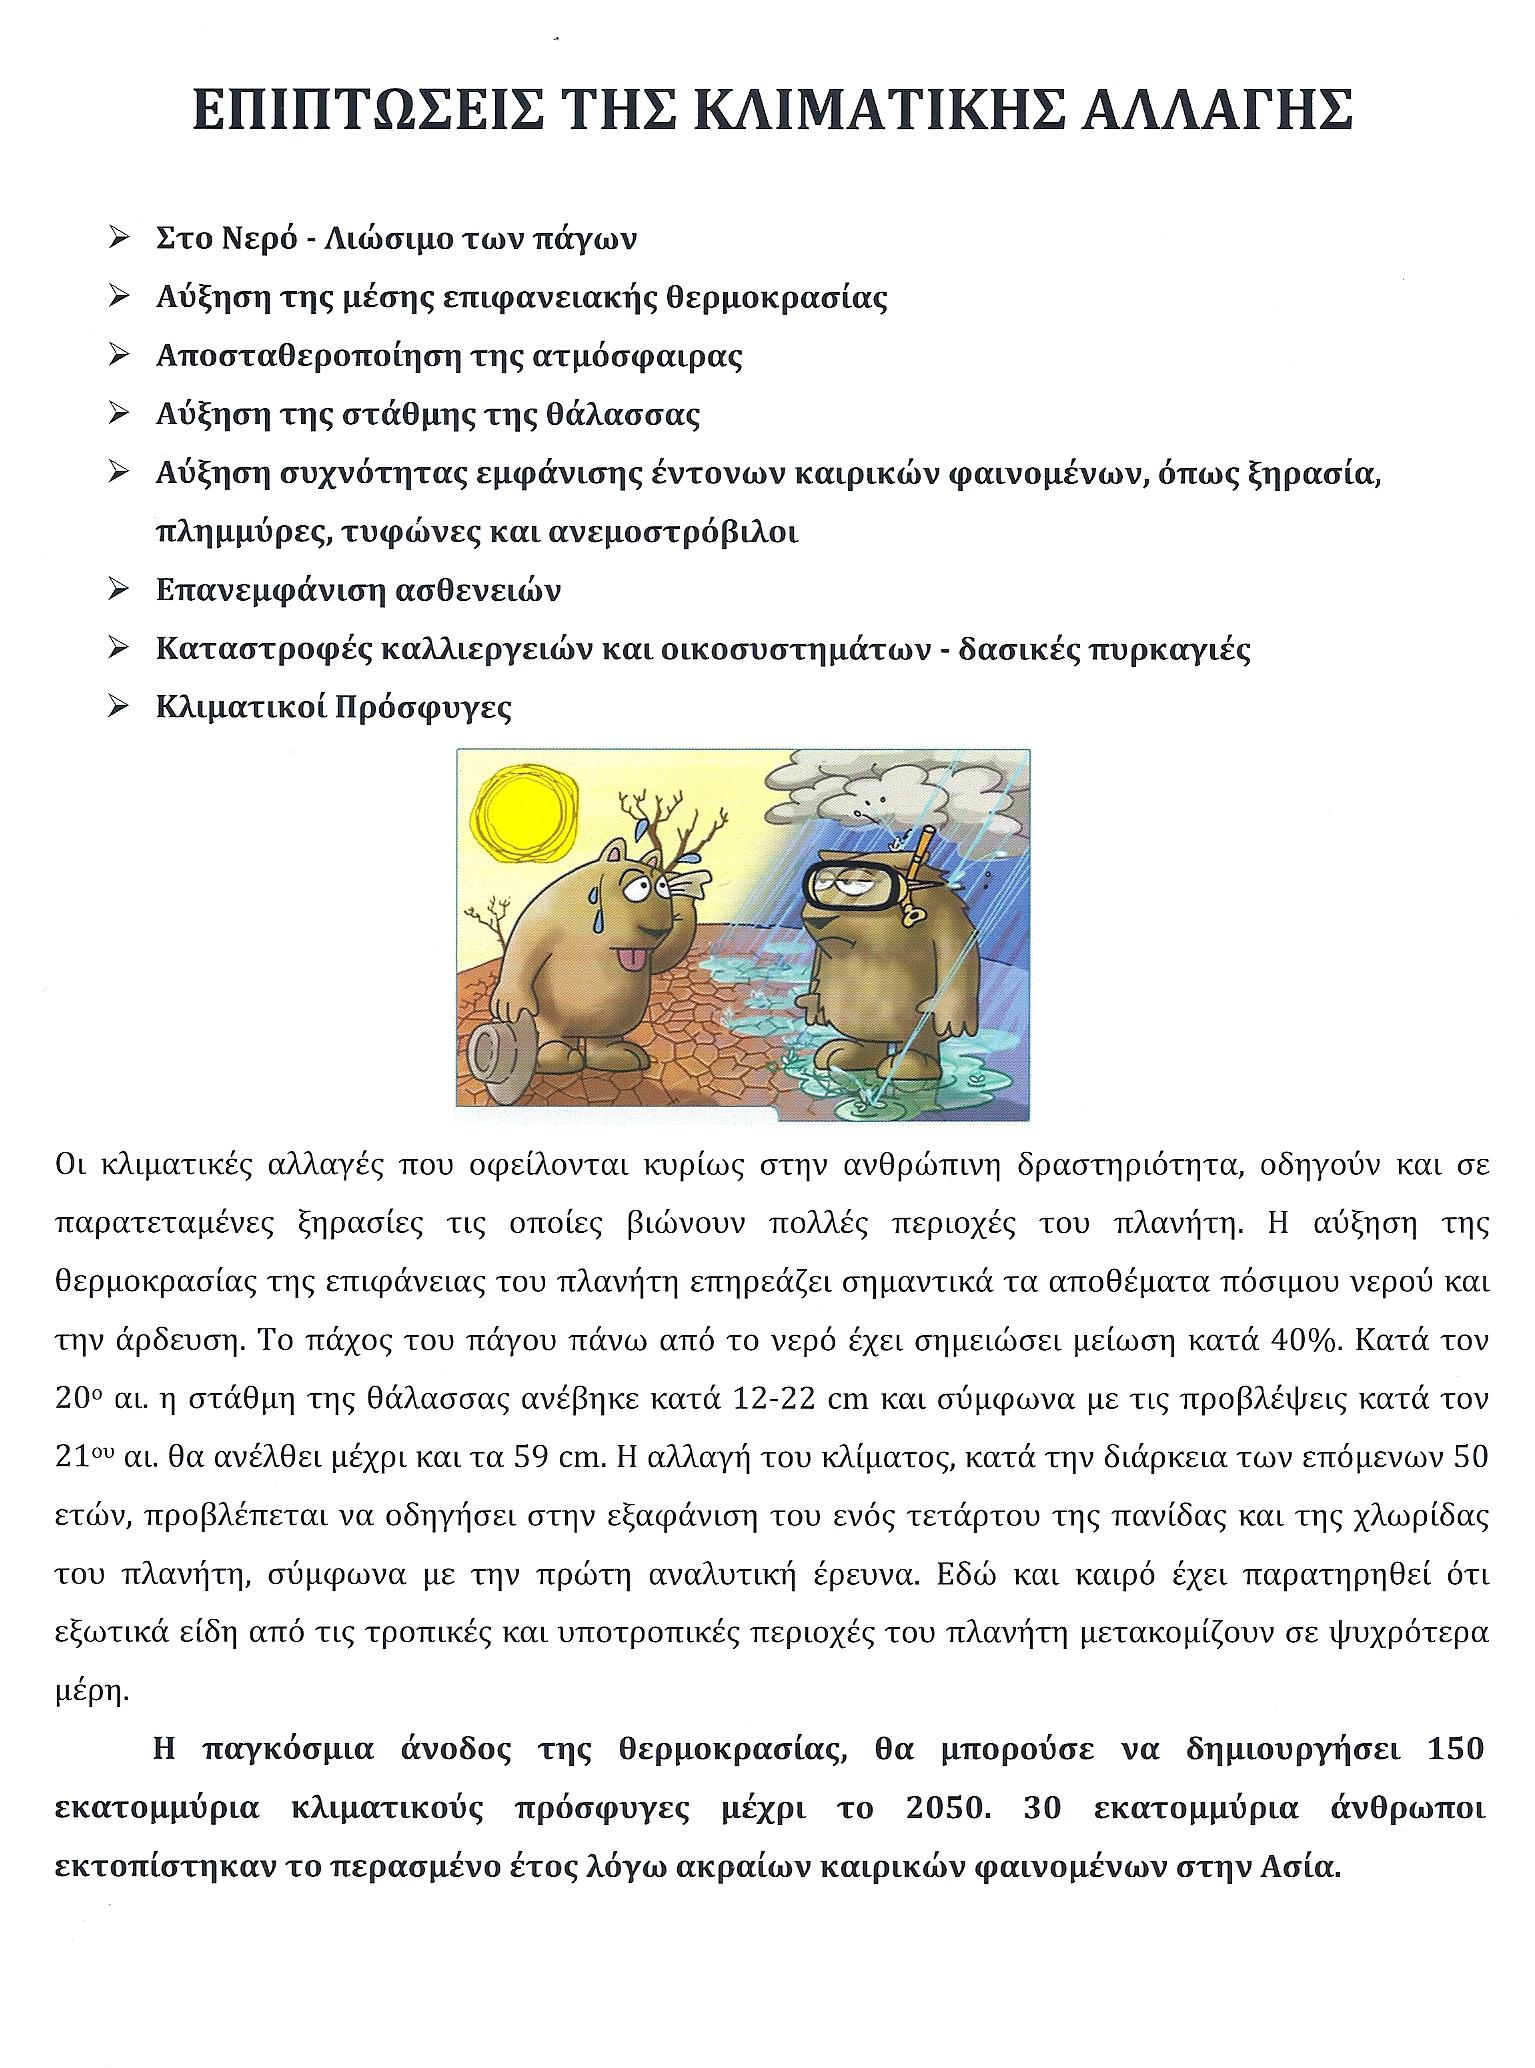 ΣΕΠΤΕΜΒΡΙΟΣ – ΝΟΕΜΒΡΙΟΣ 2013- ΣΥΝΤΟΝΙΣΤΗΣ ΚΑΘΗΓΗΤΗΣ ΓΙΩΡΓΟΣ ΜΠΑΜΠΑΣΙΔΗΣ ΠΕ04